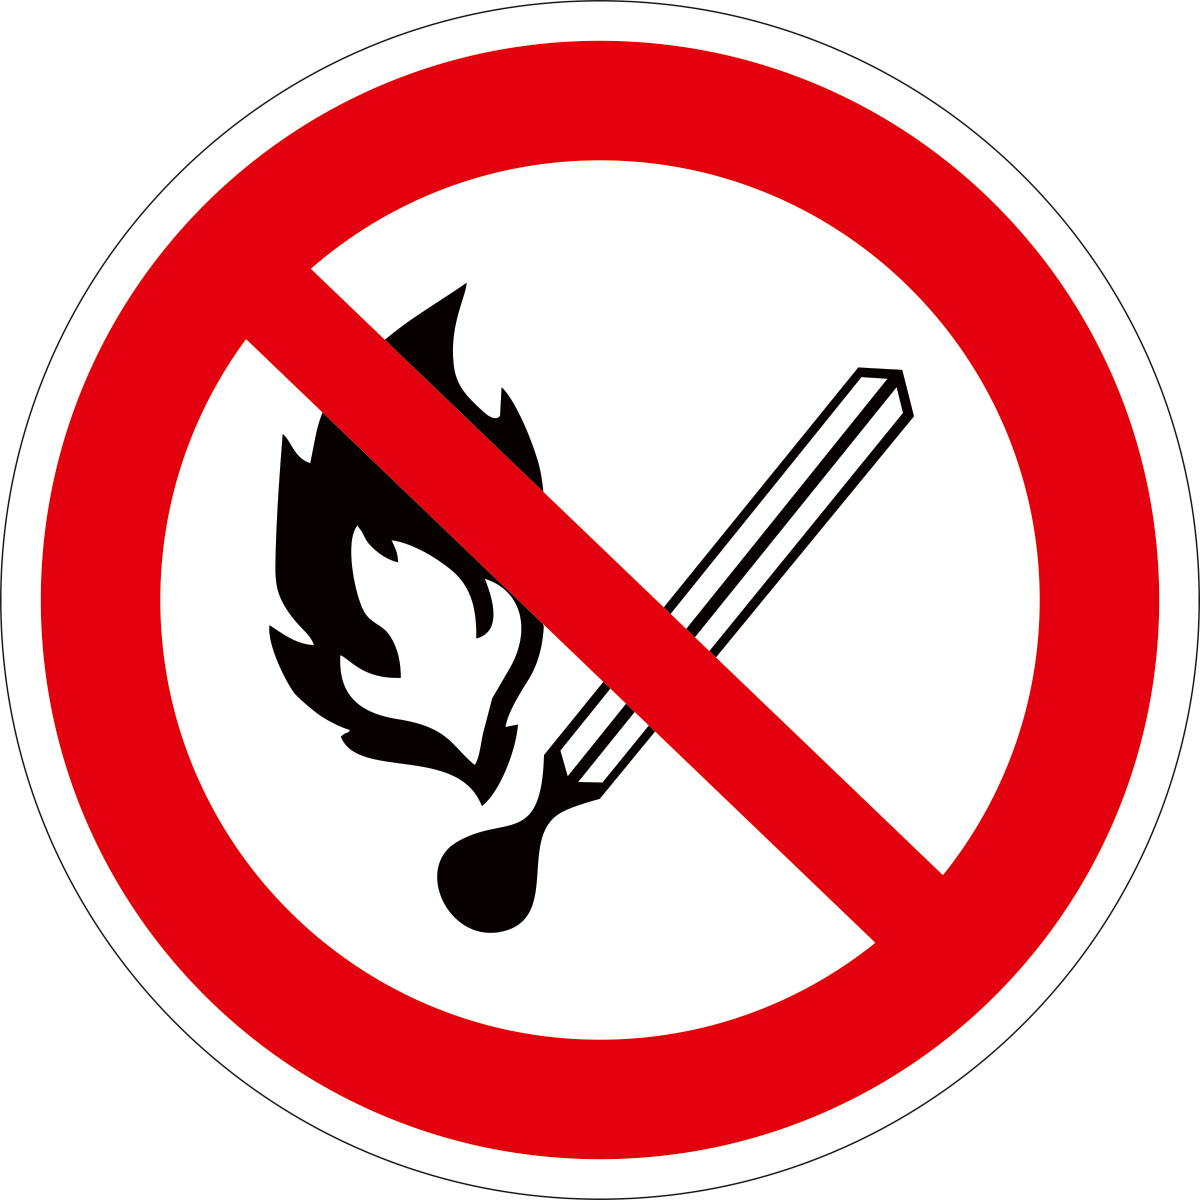 Наклейка информационная Оранжевый Слоник Запрещается пользоваться открытым огнем и курить, 15 х 15 см оранжевый слоник виниловая наклейка бокс перчатки